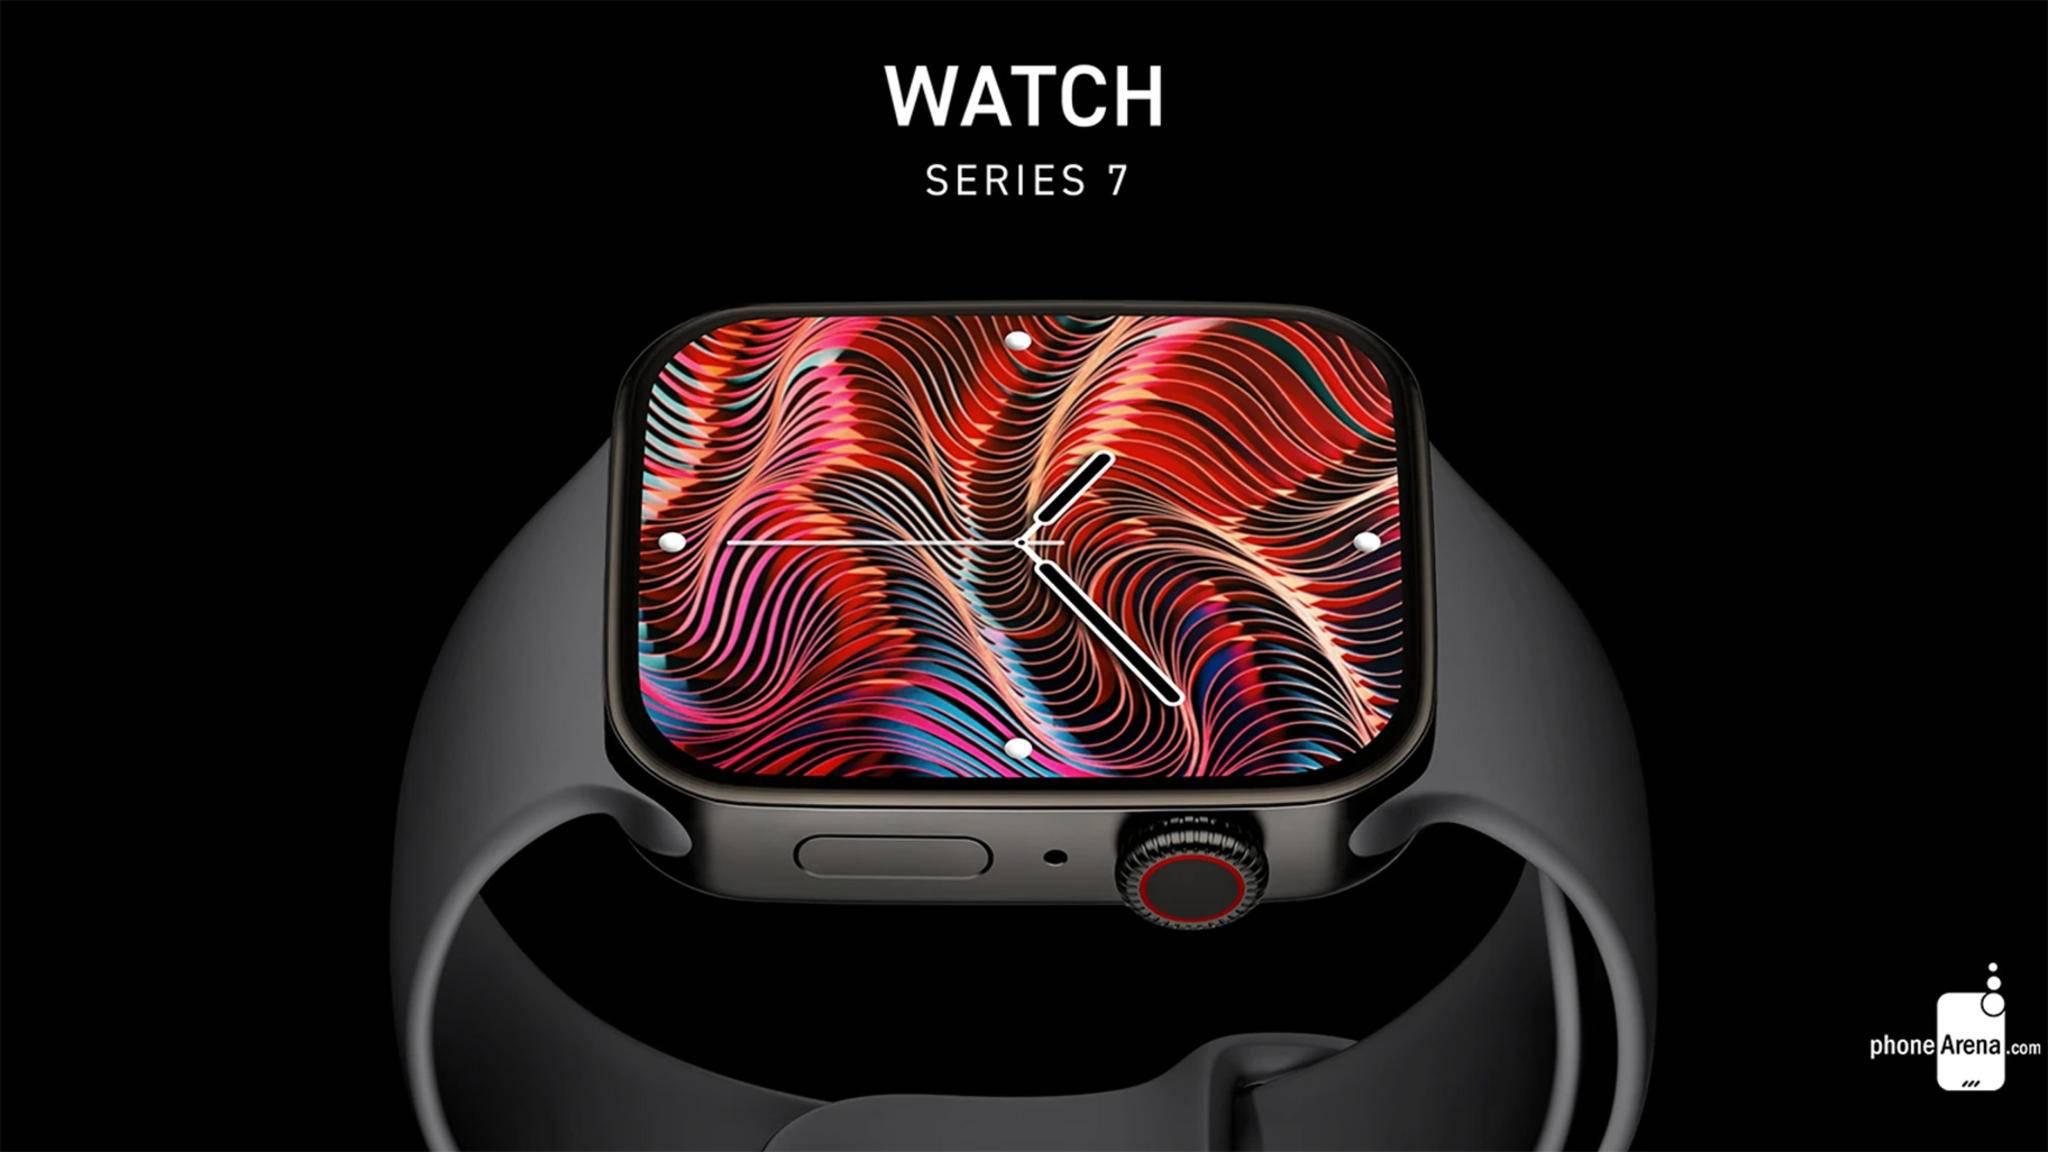 Flach statt abgerundet: So könnte der Screen der neuen Apple Watch aussehen.